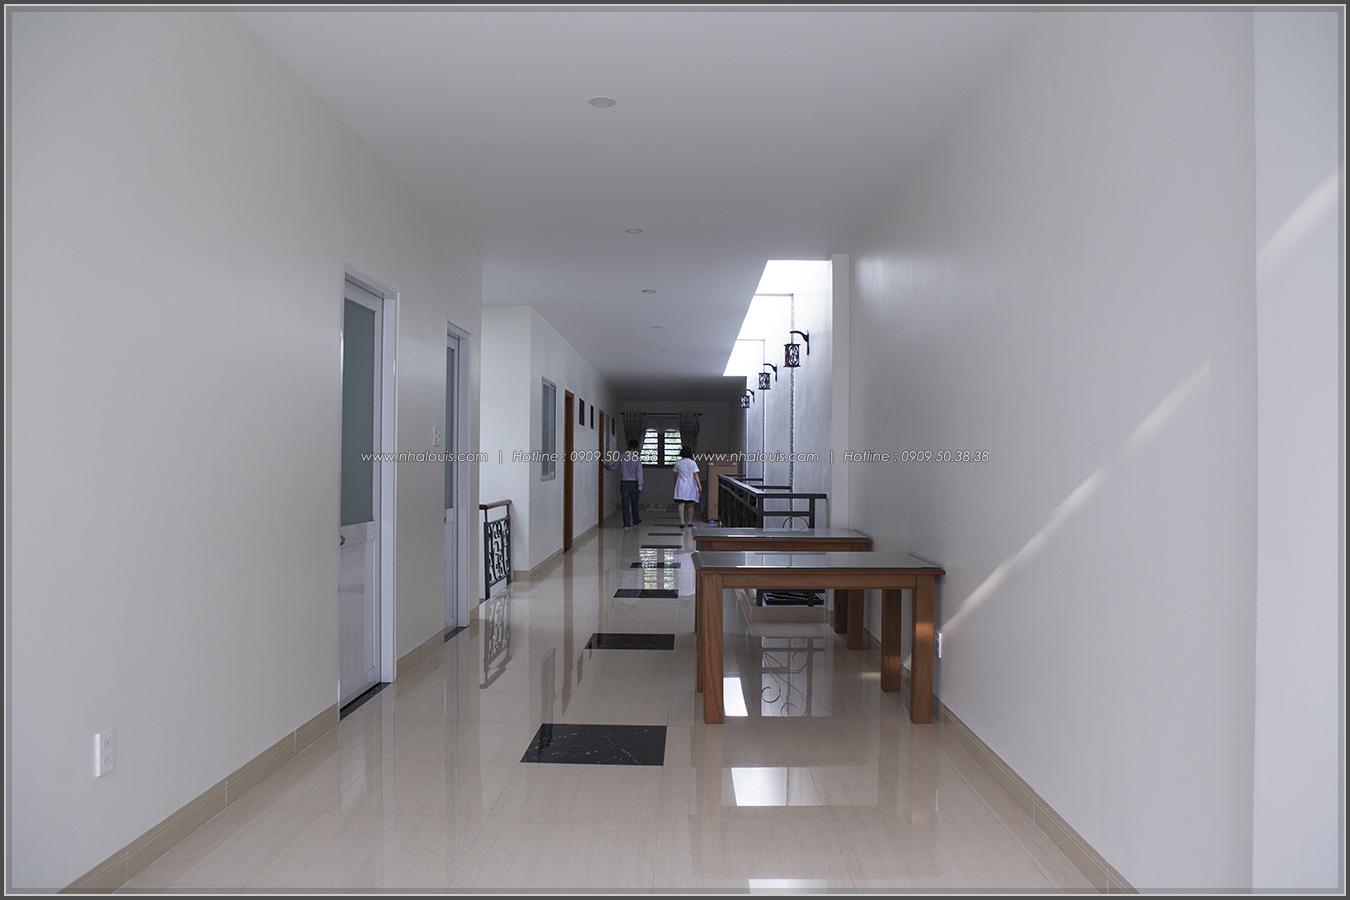 Thiết kế và thi công phòng khám phụ sản tại quận Tân Phú - 18